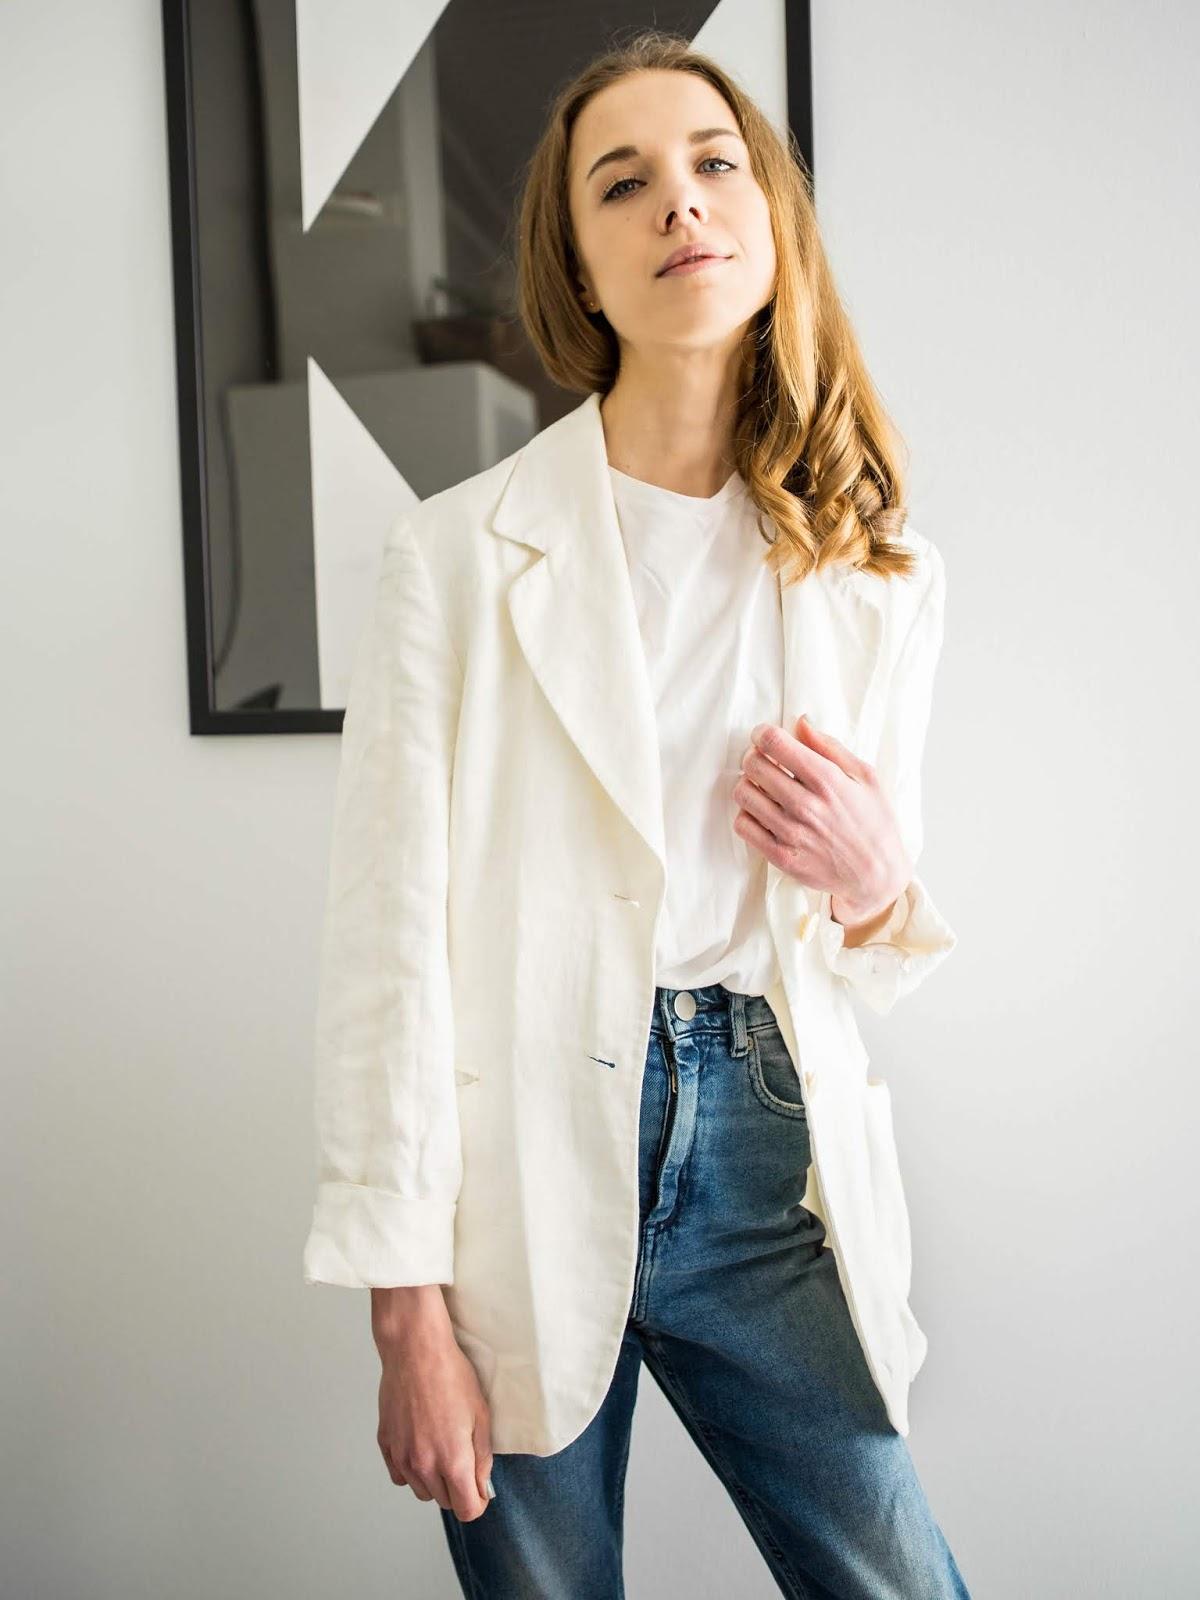 White linen blazer - Valkoinen pellavableiseri